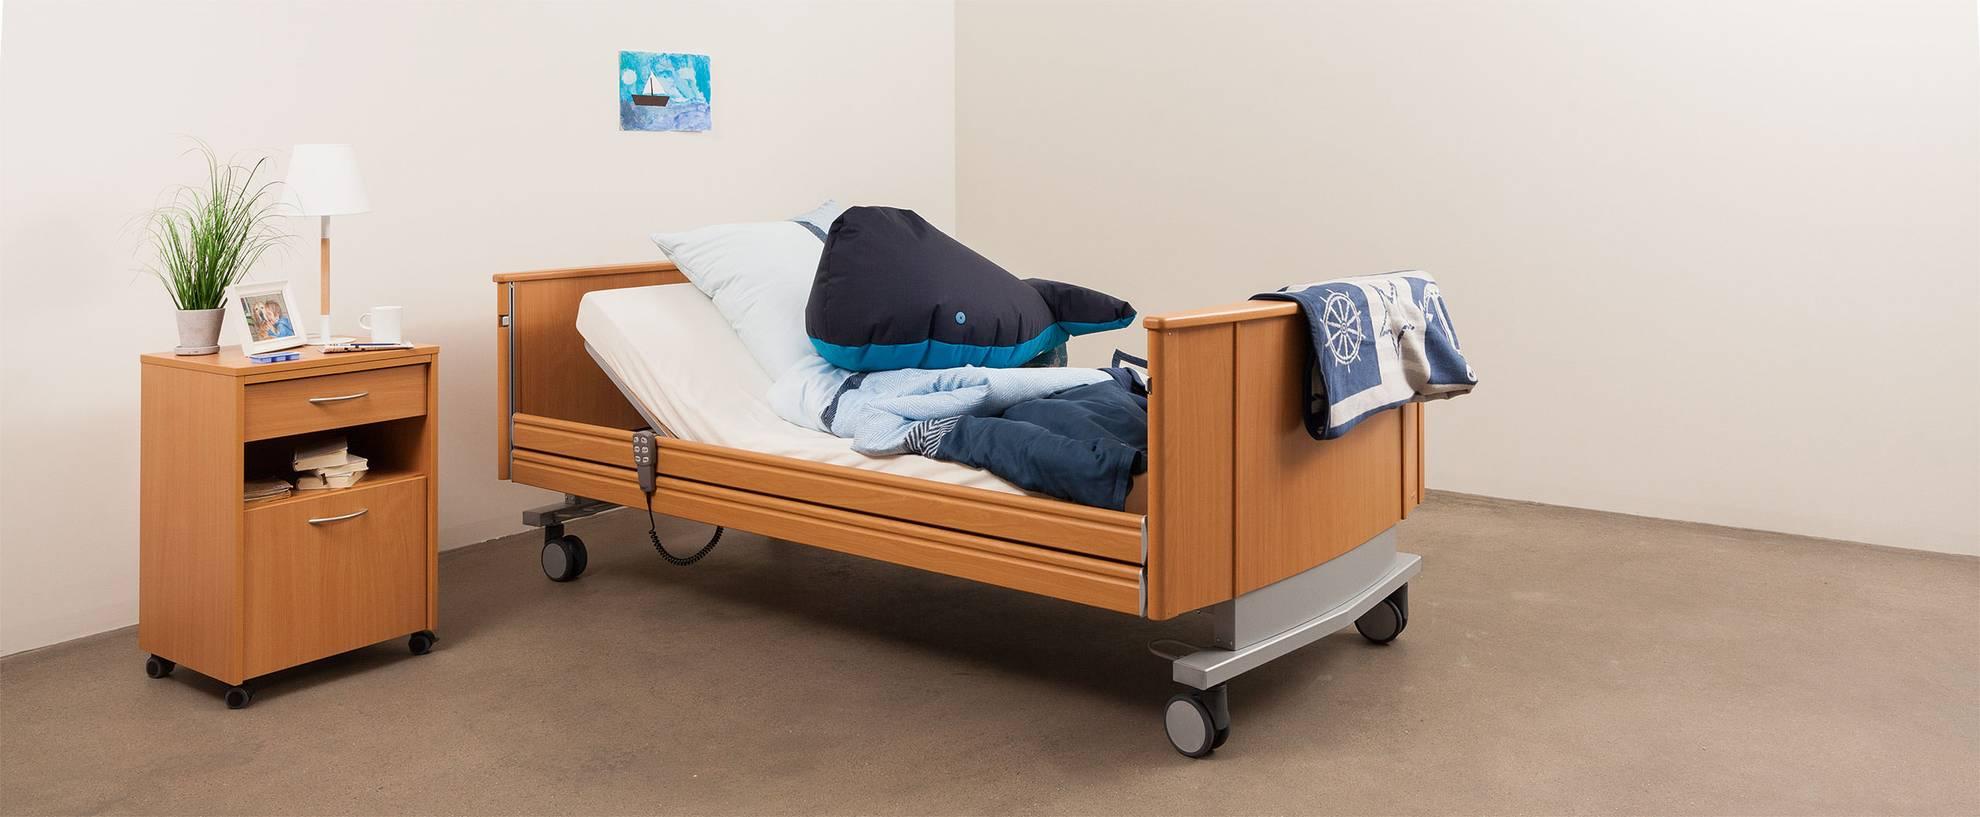 Full Size of Betten Für übergewichtige Schwerlast Pflegebett Adilec 280 Kg Bock Massivholz Bad Griesbach Fürstenhof Poco Teenager Designer Günstige 140x200 Regal Bett Betten Für übergewichtige